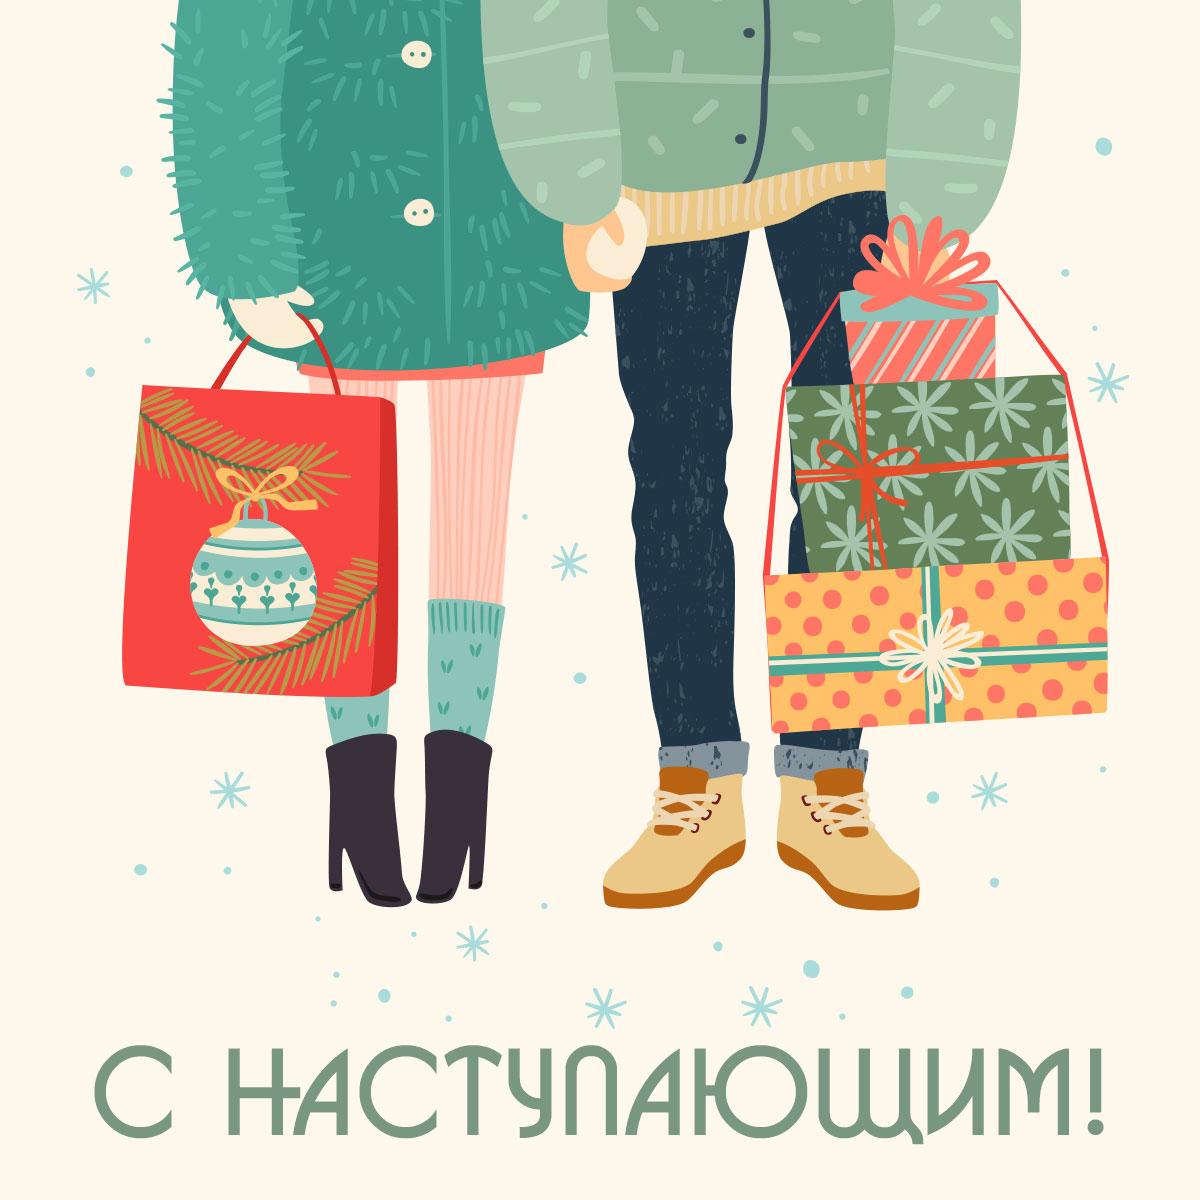 Картинка с обрезанным верхом двух человек в зимней одежде с коробками подарков.